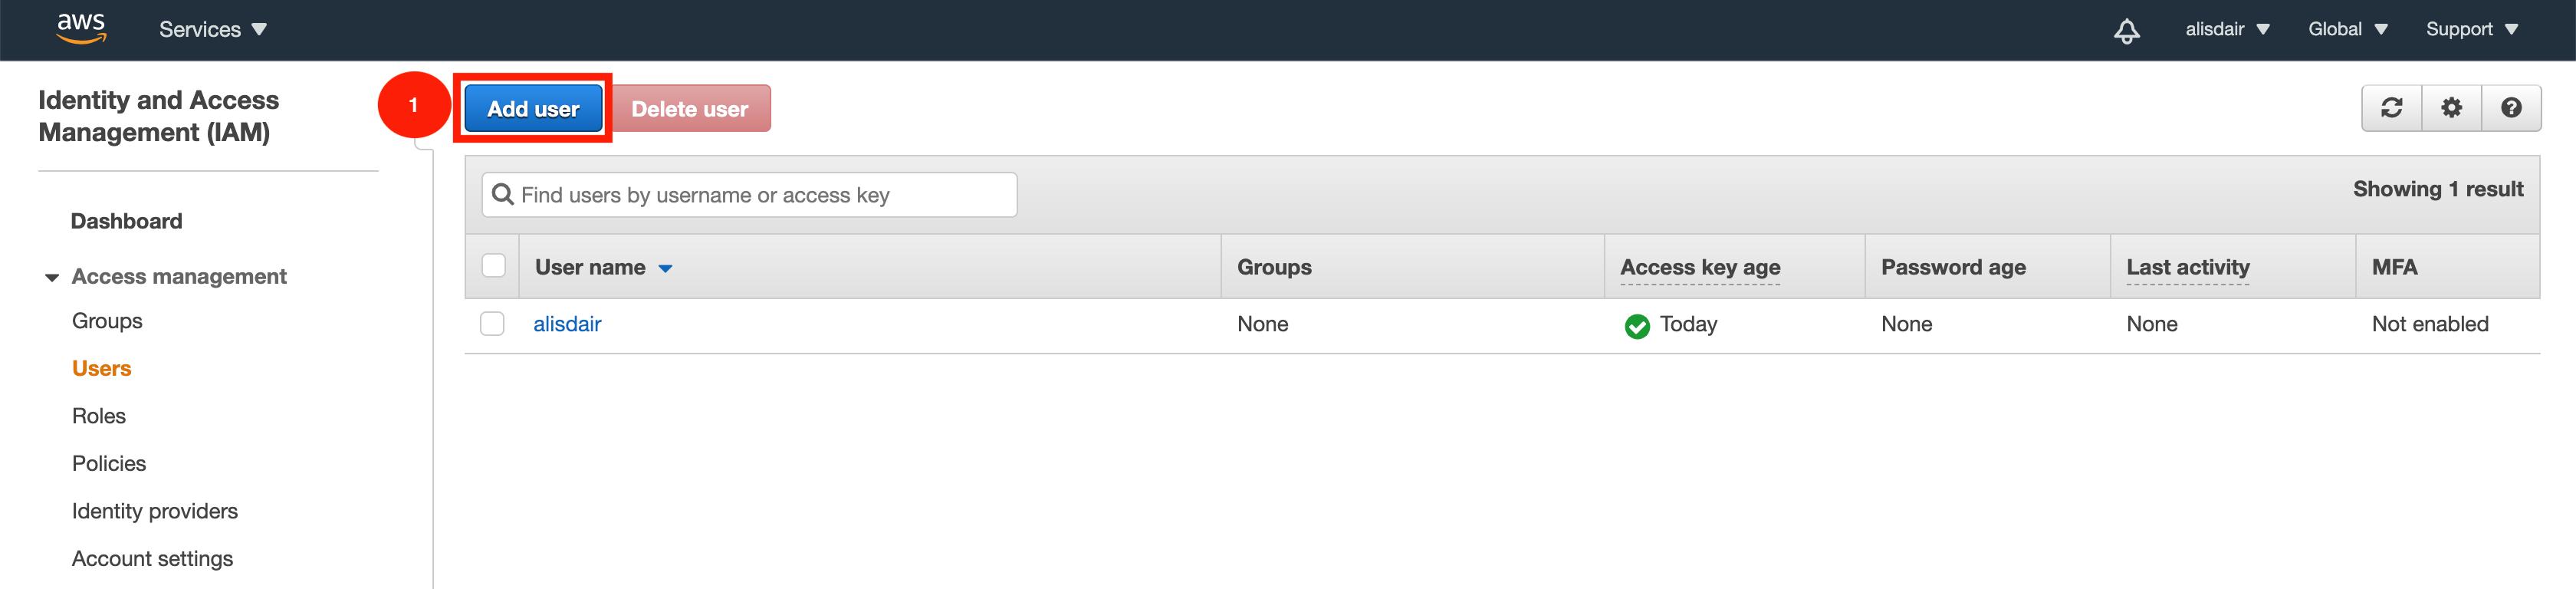 AWS Add User